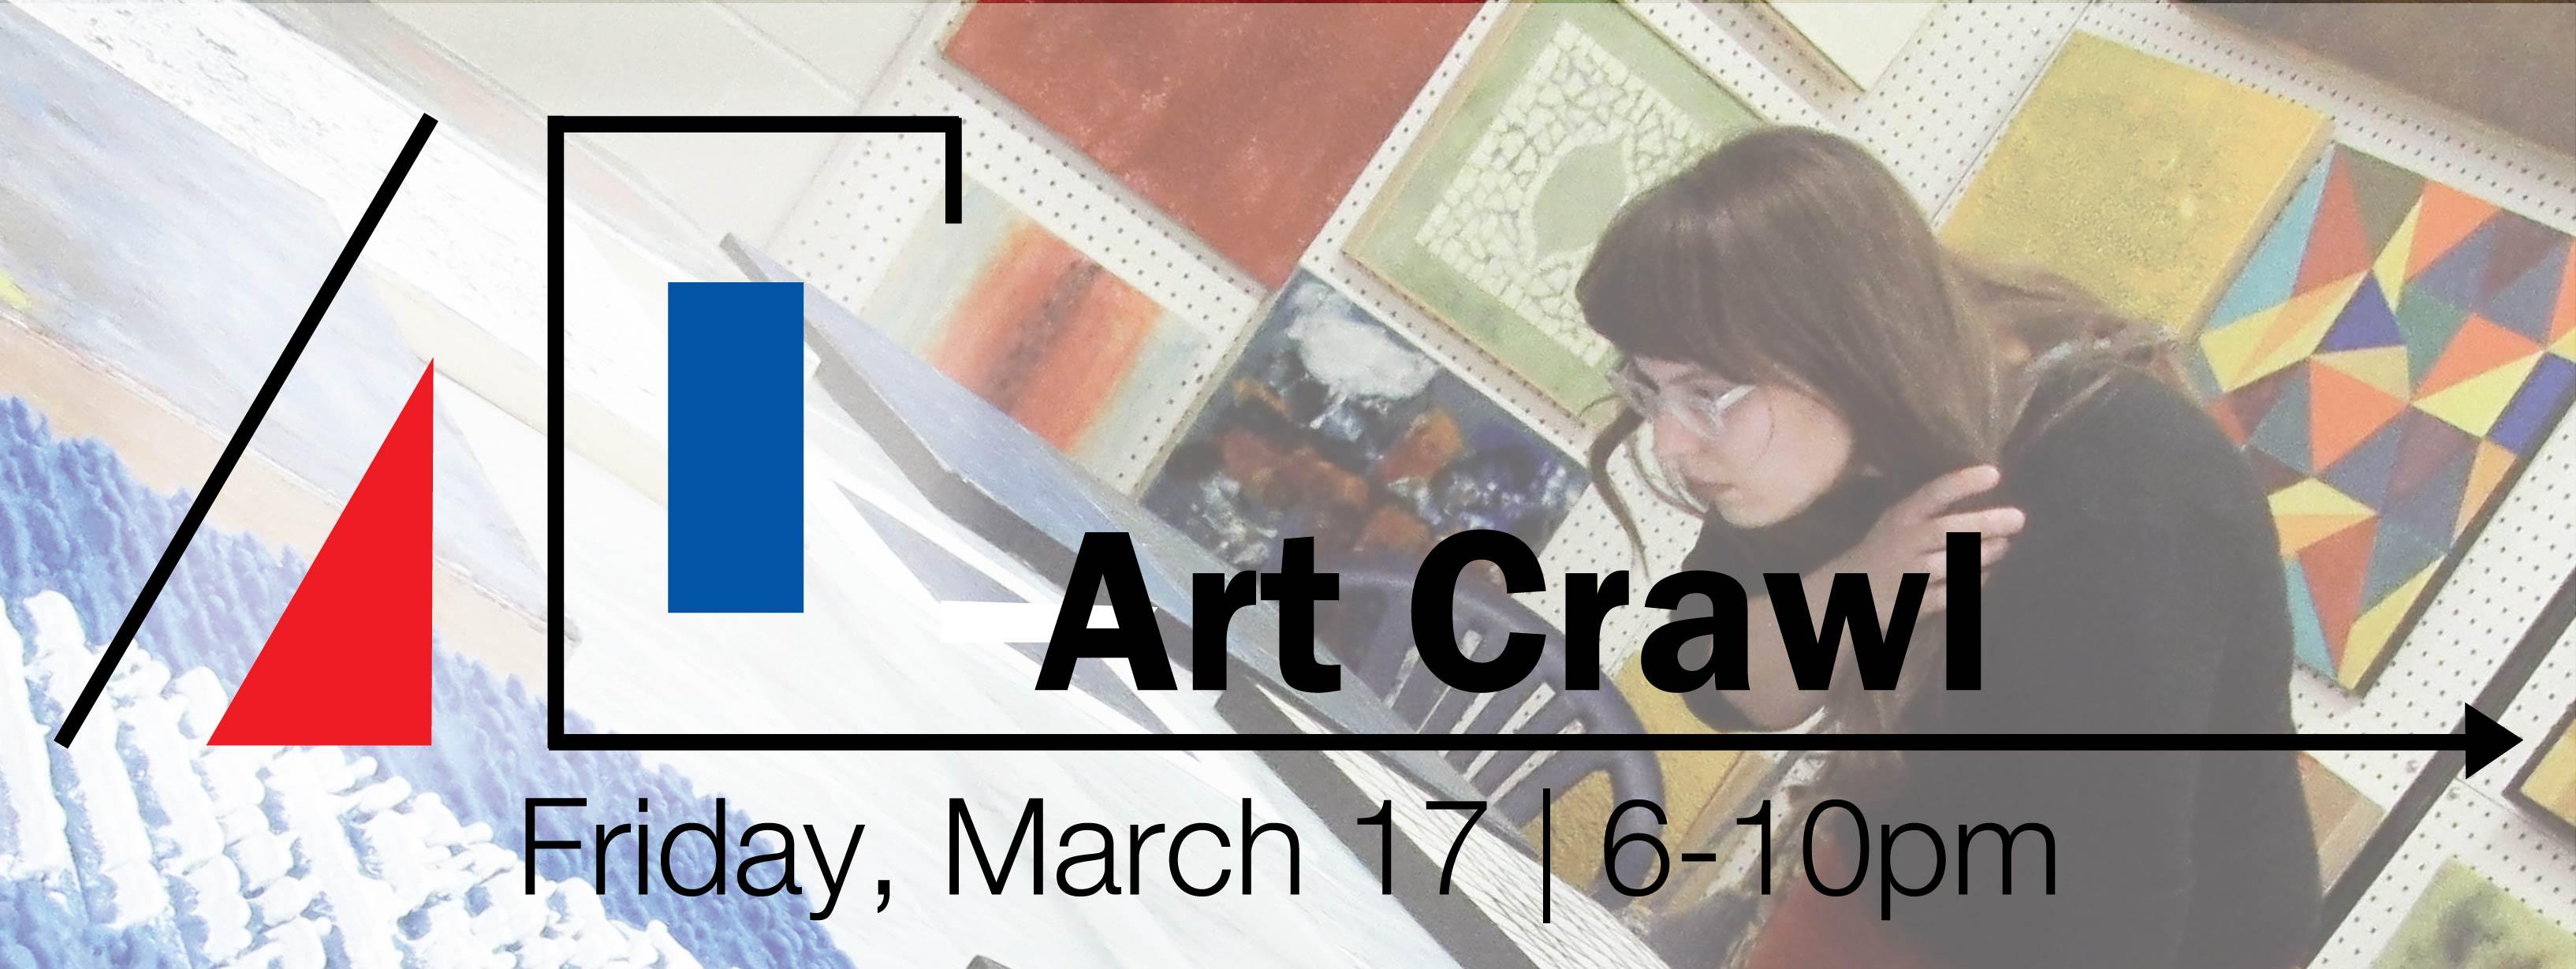 2017 Art Crawl website header